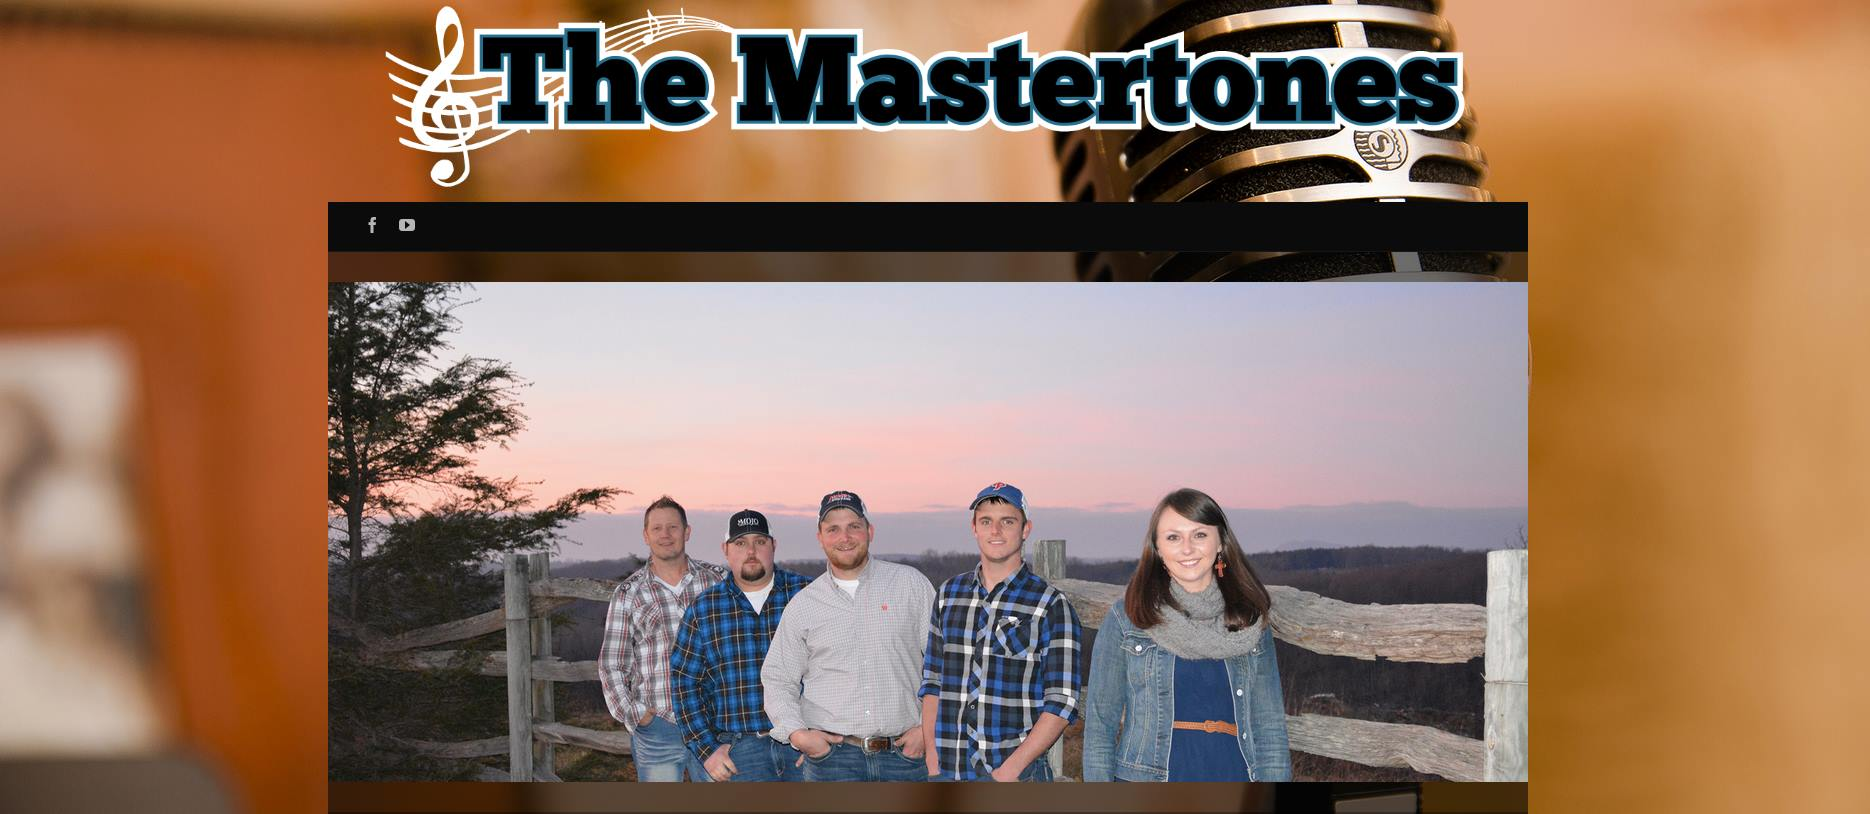 The Mastertones Website